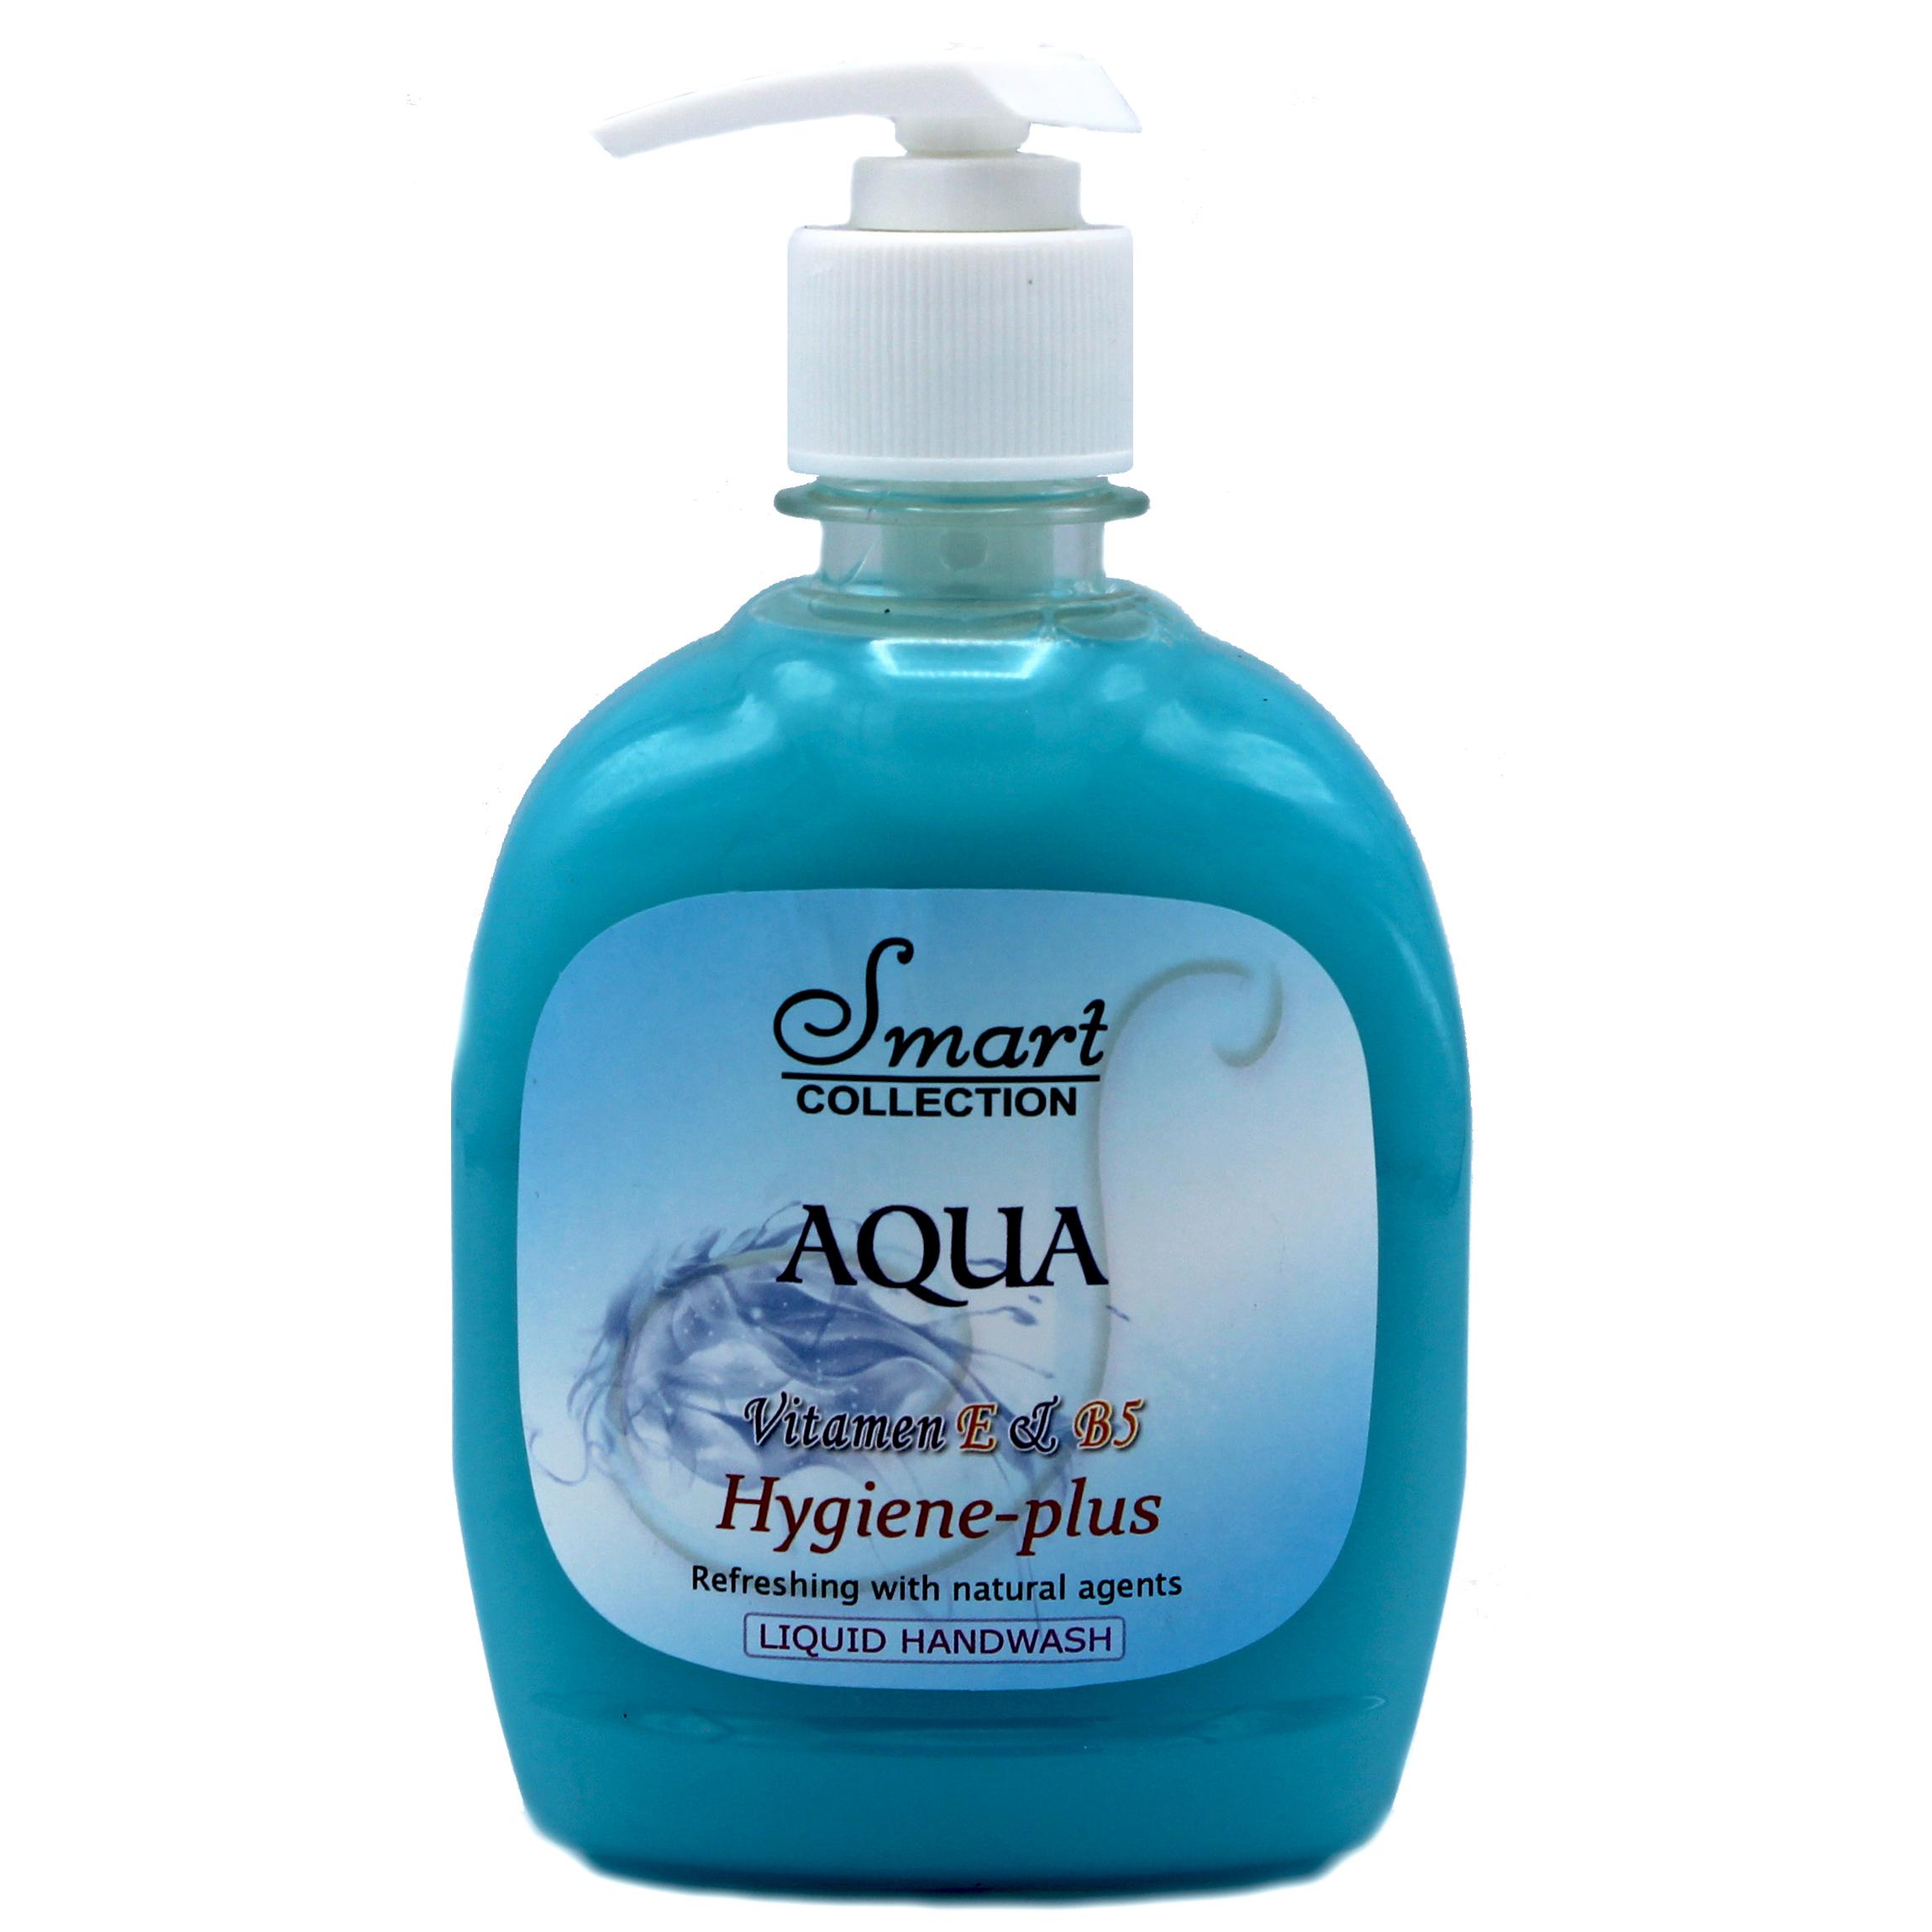 مایع دستشویی اسمارت مدل Aqua مقدار 400 گرم